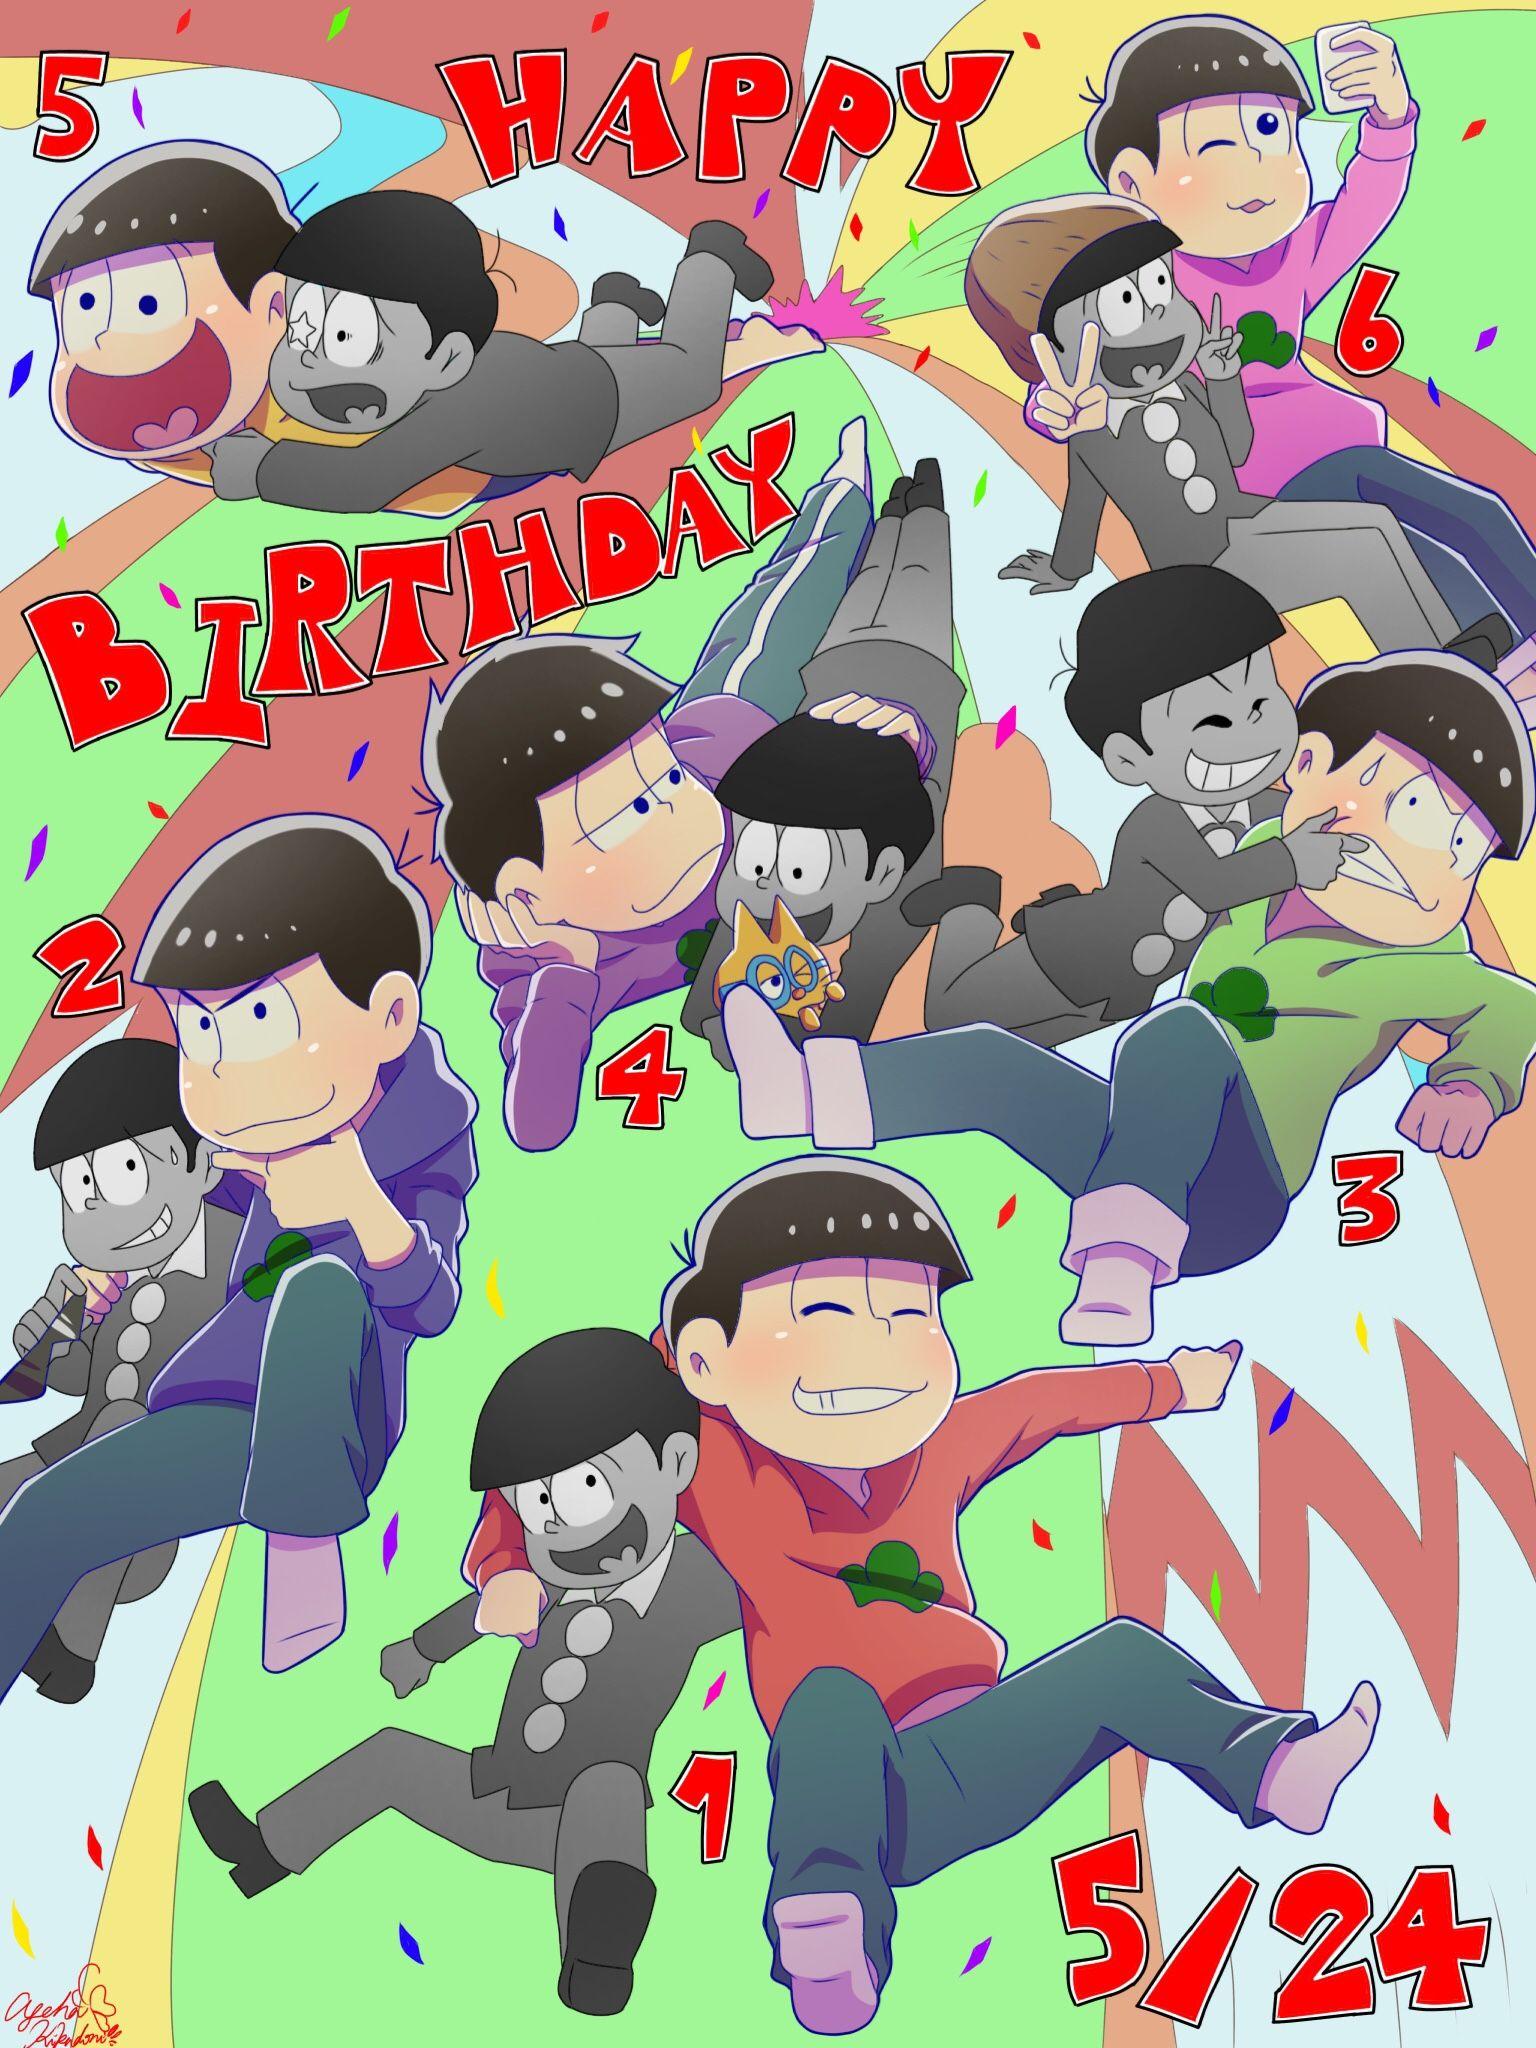 【おそ松さん】「六つ子生誕祭」イラスト/YY [pixiv]